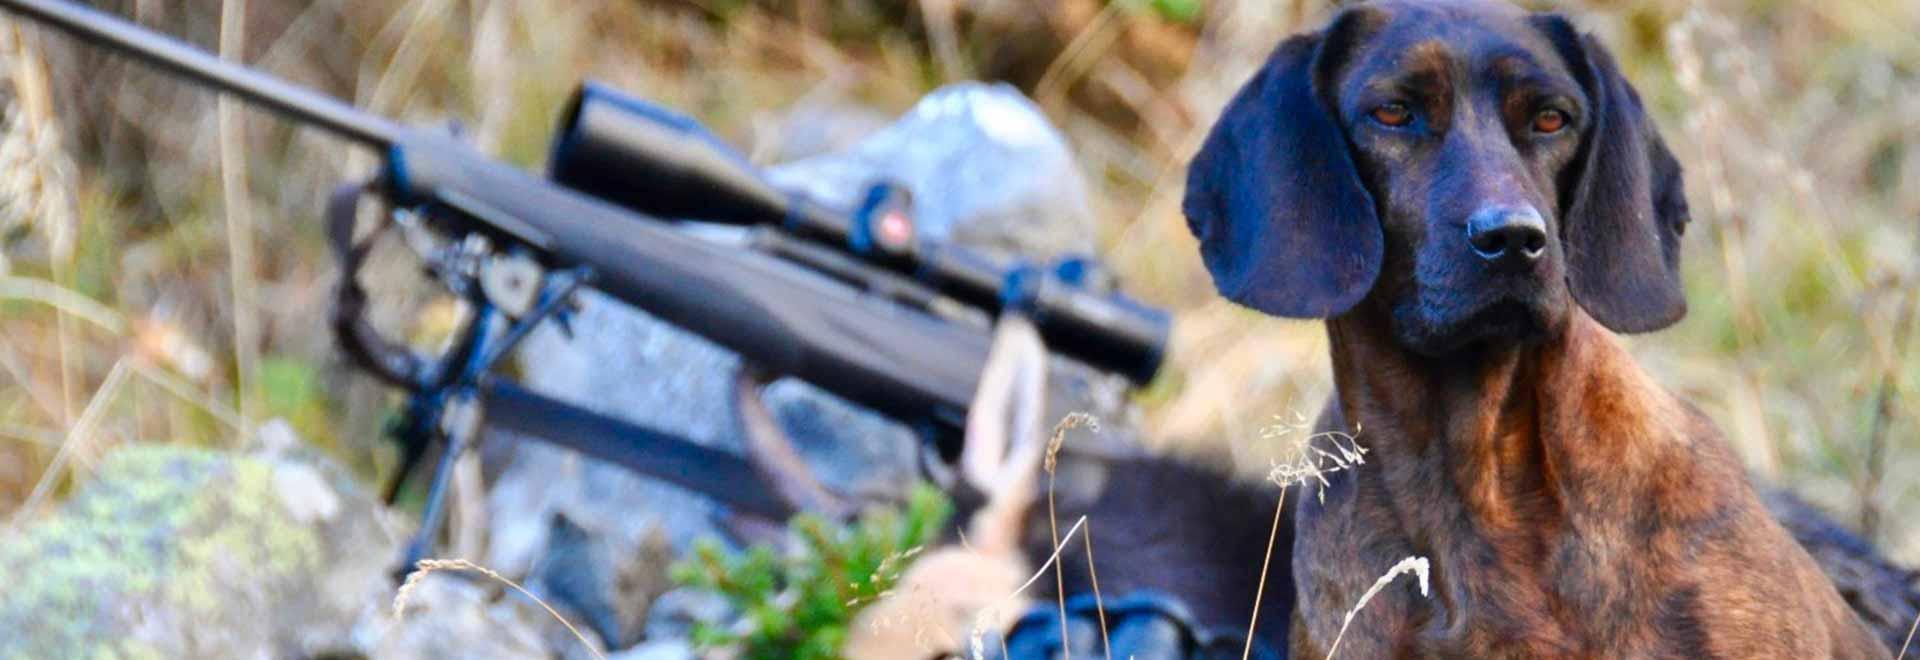 Speciale Argentina: l'ultimo Eldorado per la caccia. 4a parte